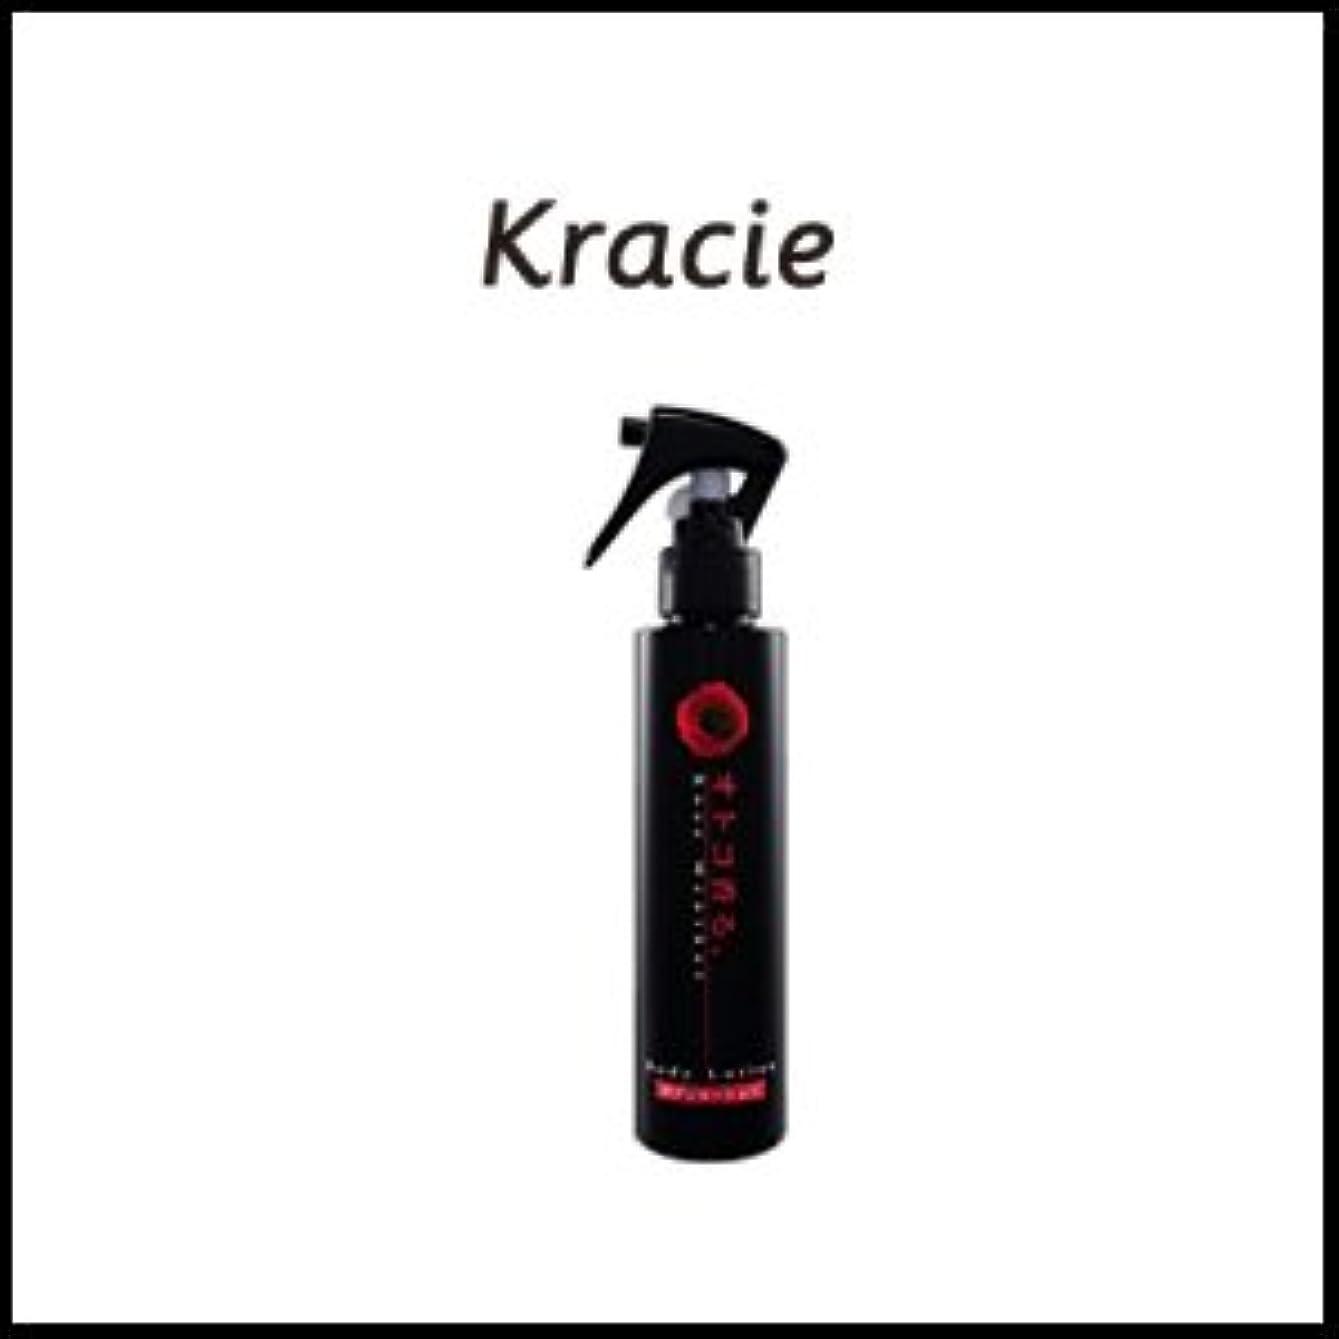 独立して解く名誉【X3個セット】 クラシエ オトコ香る ボディーローション(レッドローズ) 150ml 容器入り